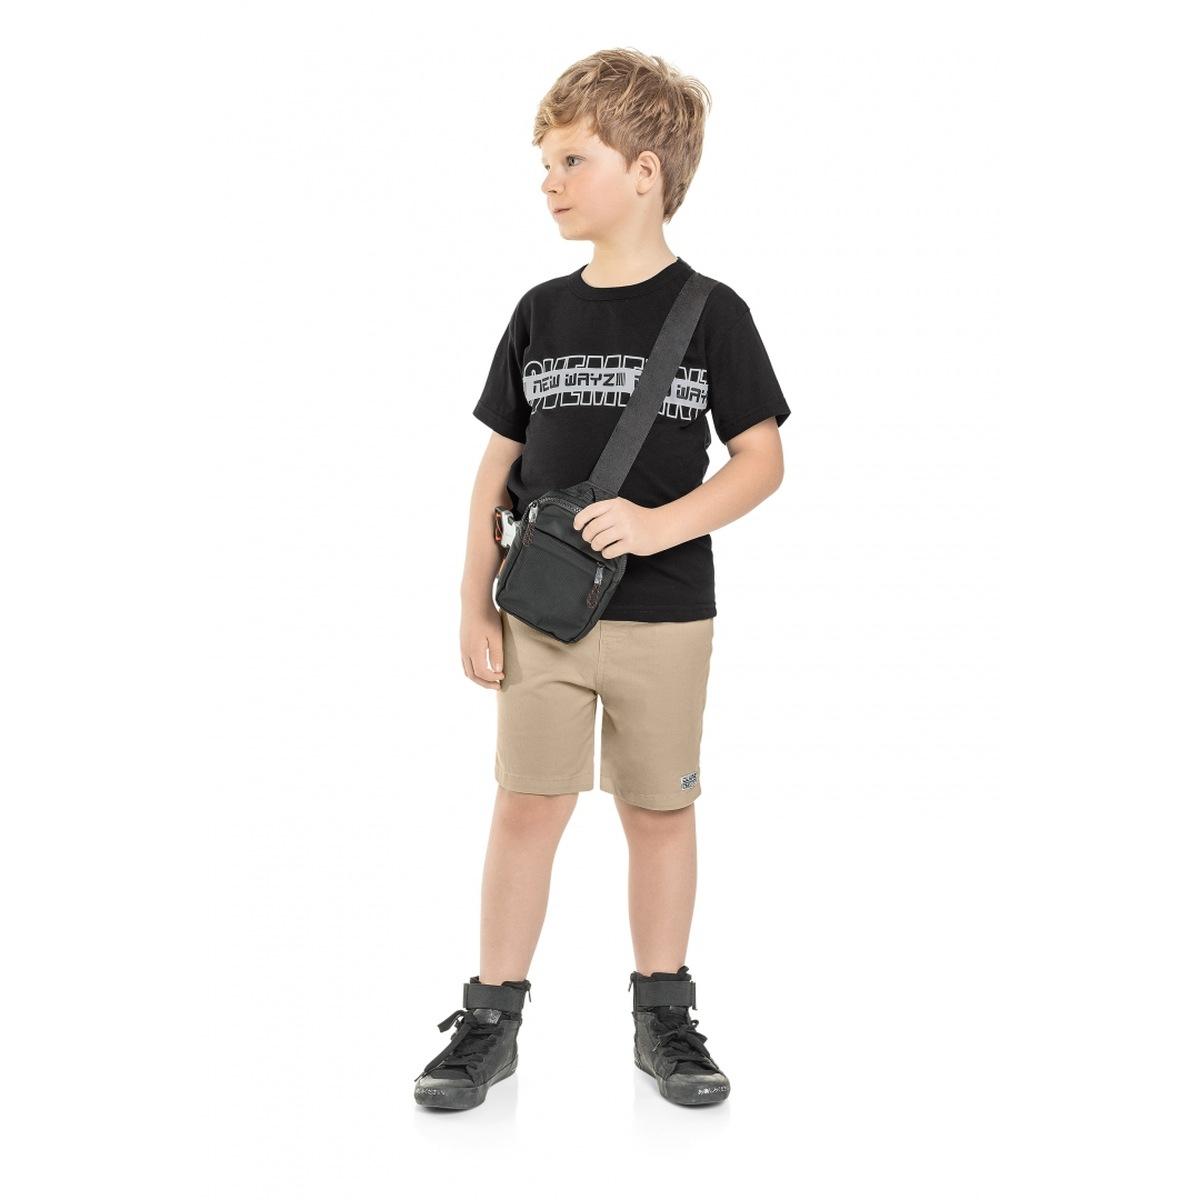 Conjunto Menino Quimby Camiseta em Algodão e Bermuda Sarja